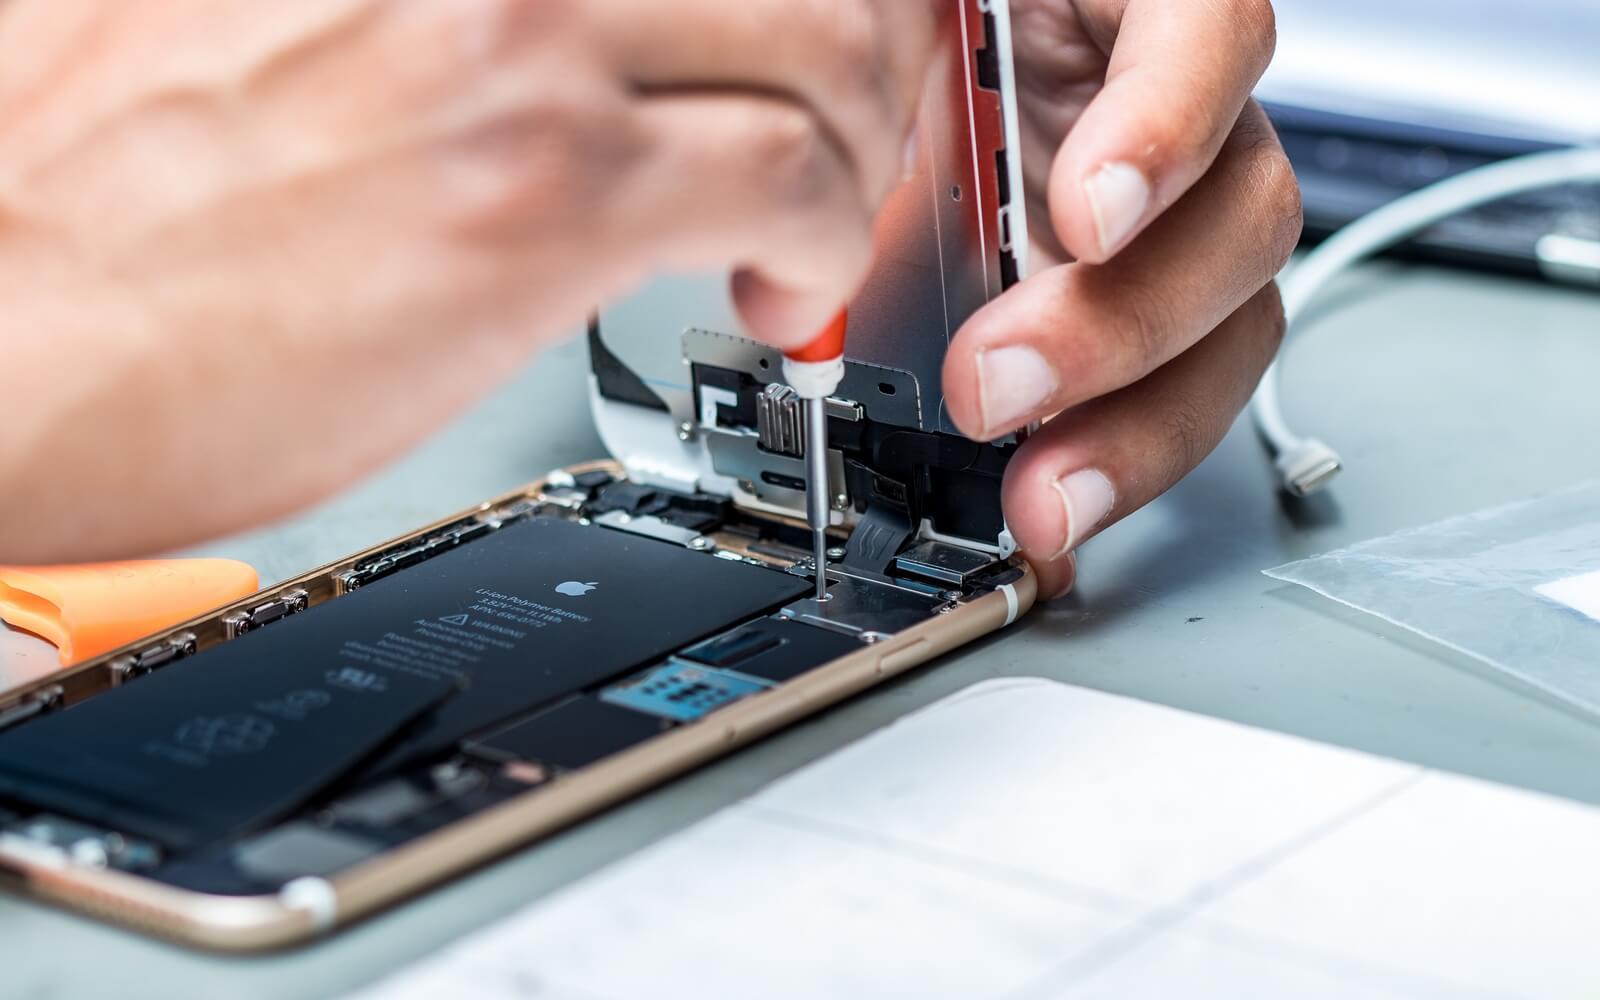 «Убитая» батарея замедляет работу iPhone?